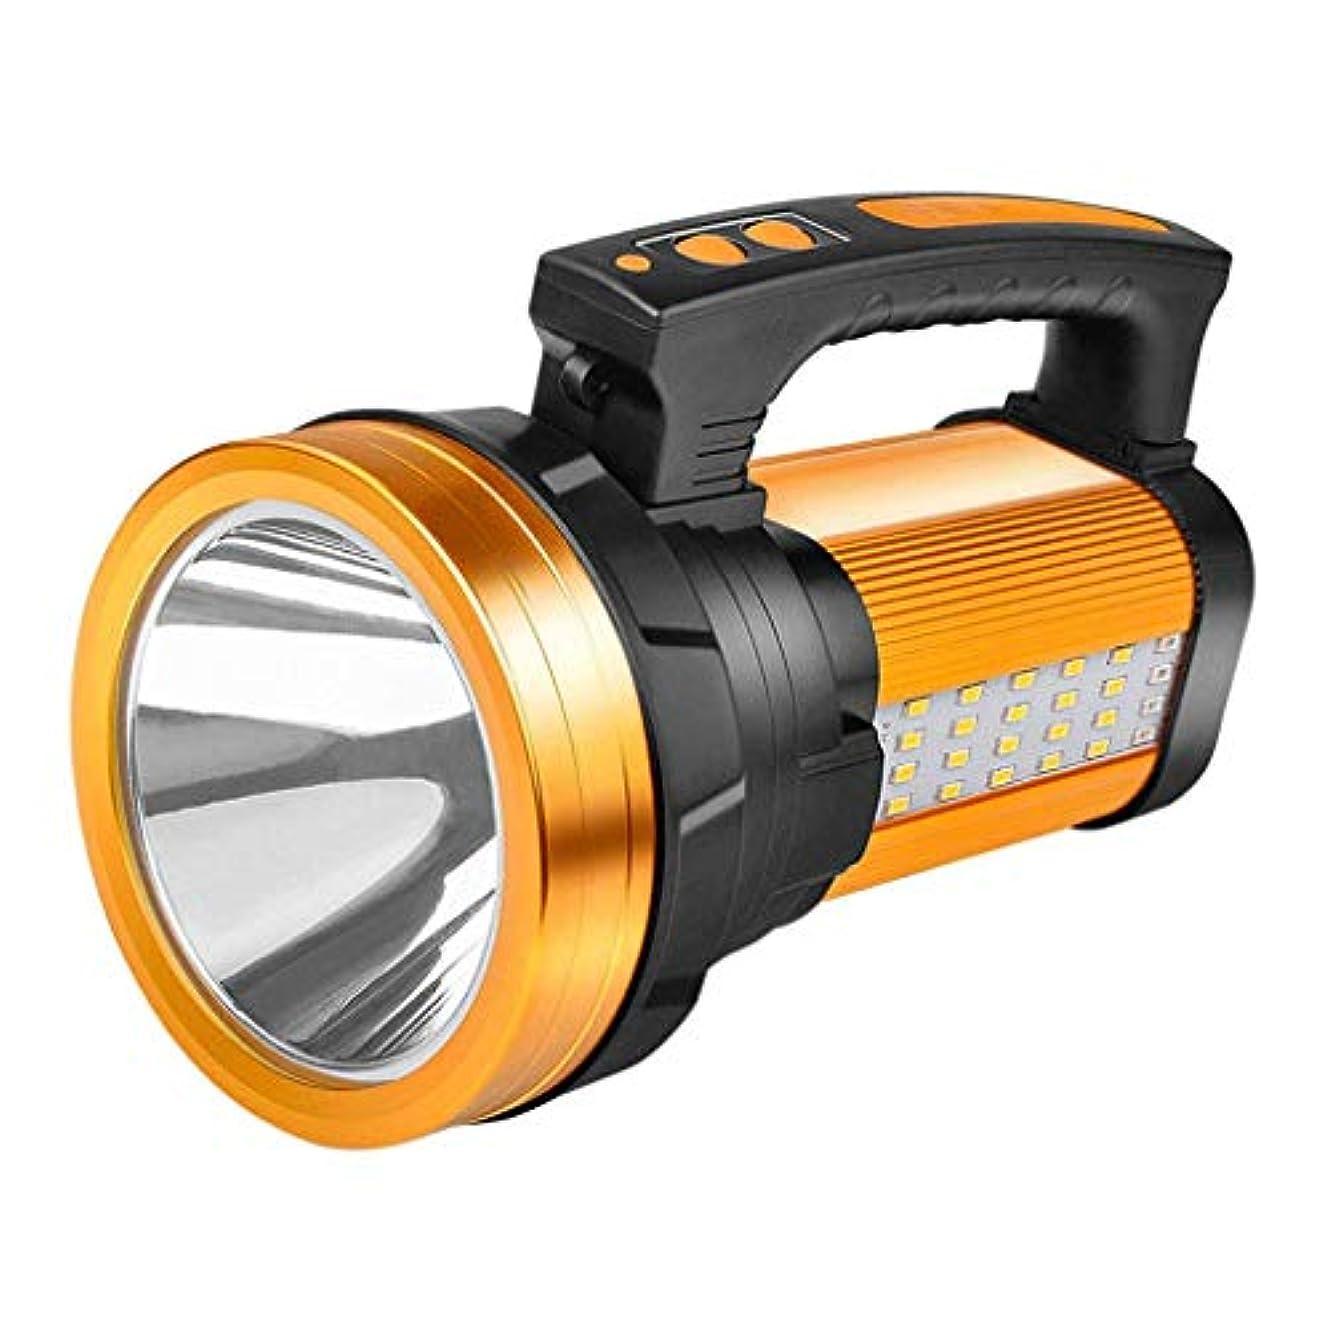 肥沃な軌道程度XIAOBUDIAN 高輝度充電式LEDスポットライト懐中電灯ハンドヘルドT6サーチライト10000Mah長持ち、サイドフラッドライト作業灯キャンプ用ランタンUSB充電式電話